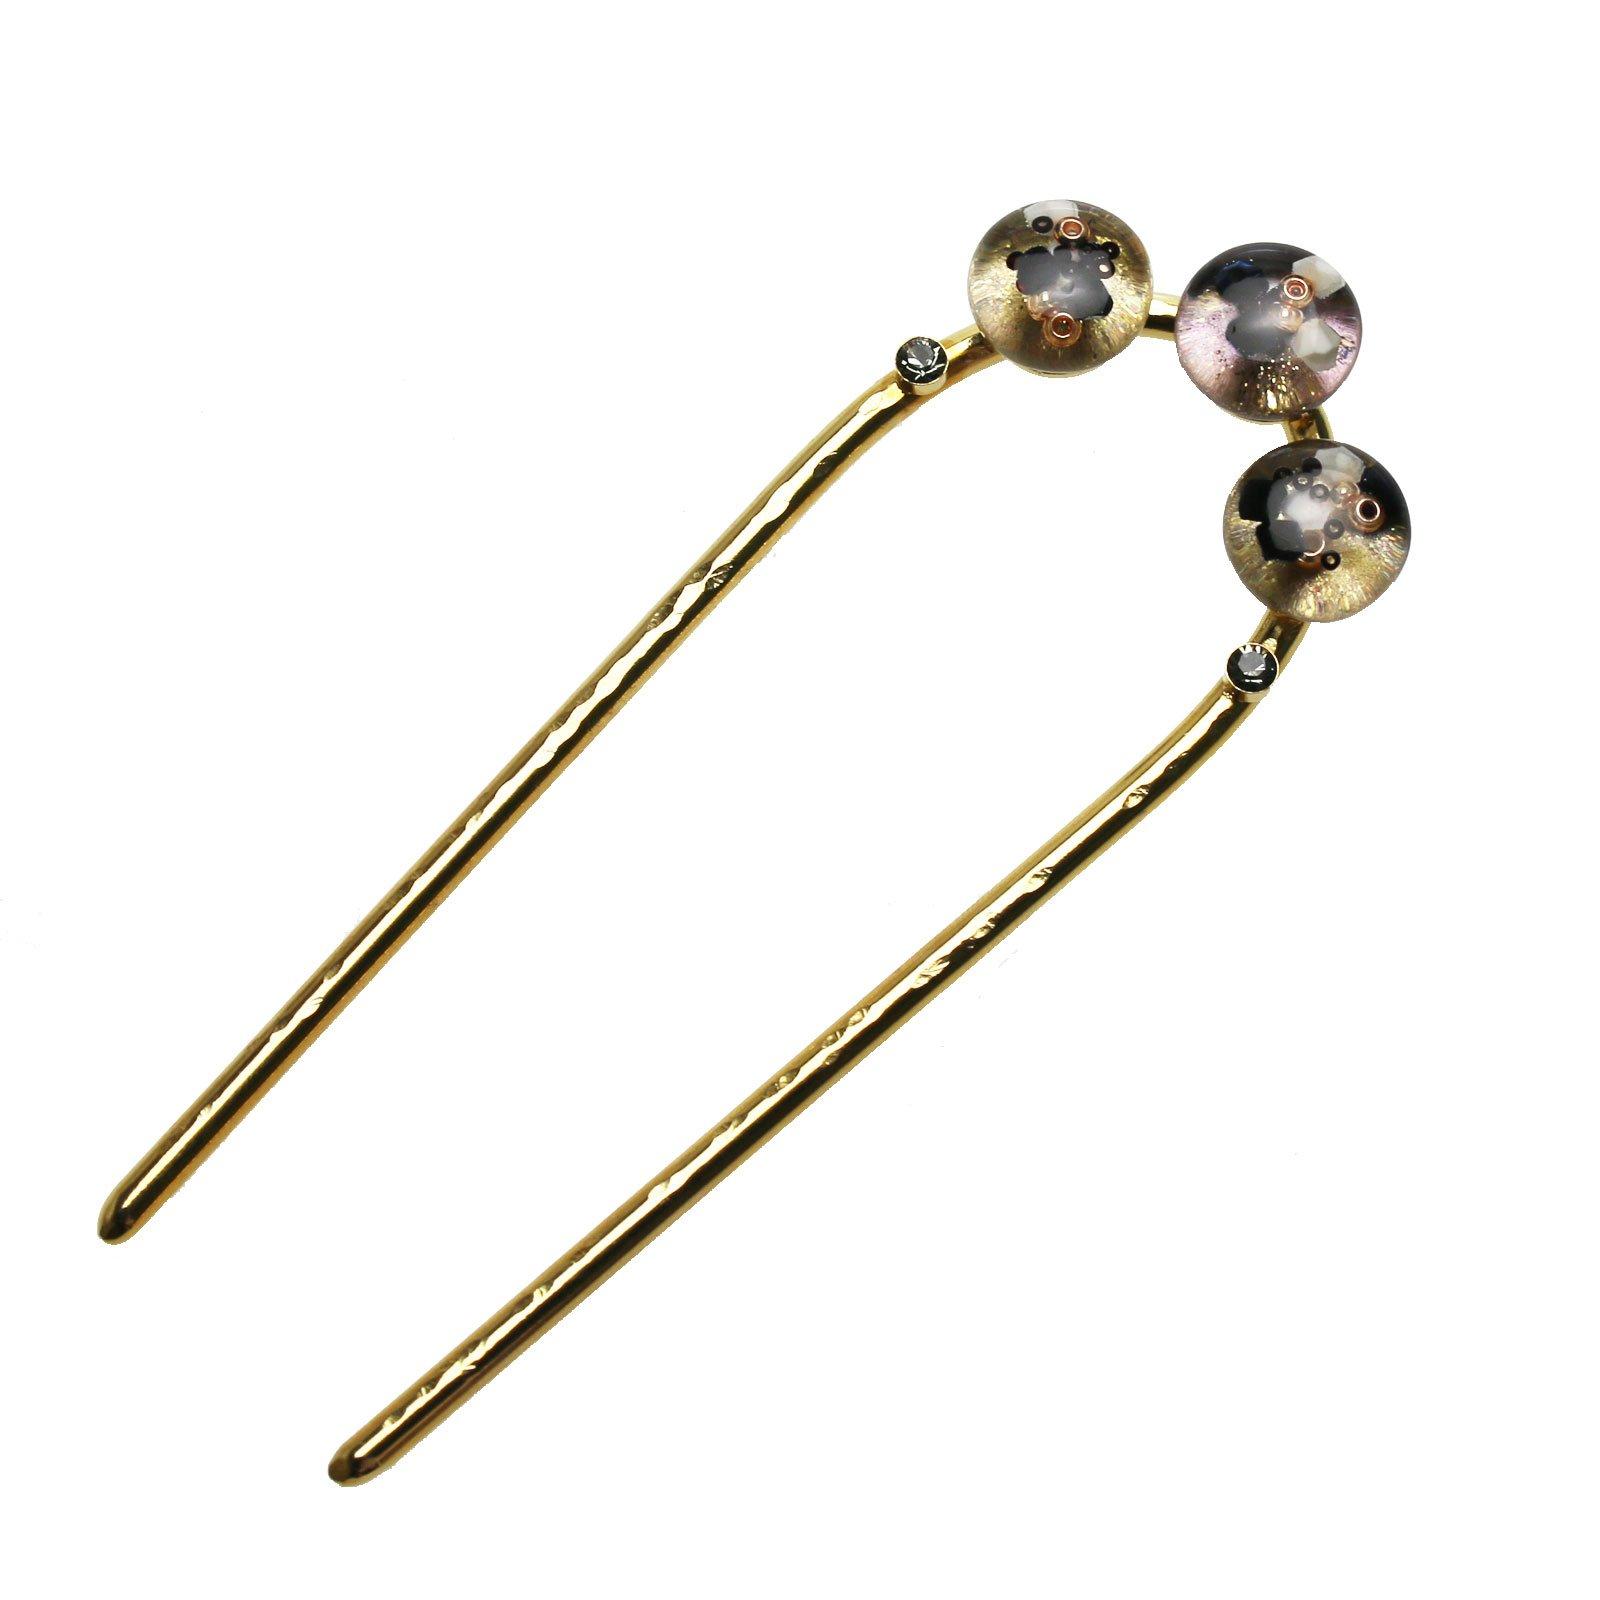 Tamarusan Hair Pin Gold Women Hair Ornament Handmade Hair Stick